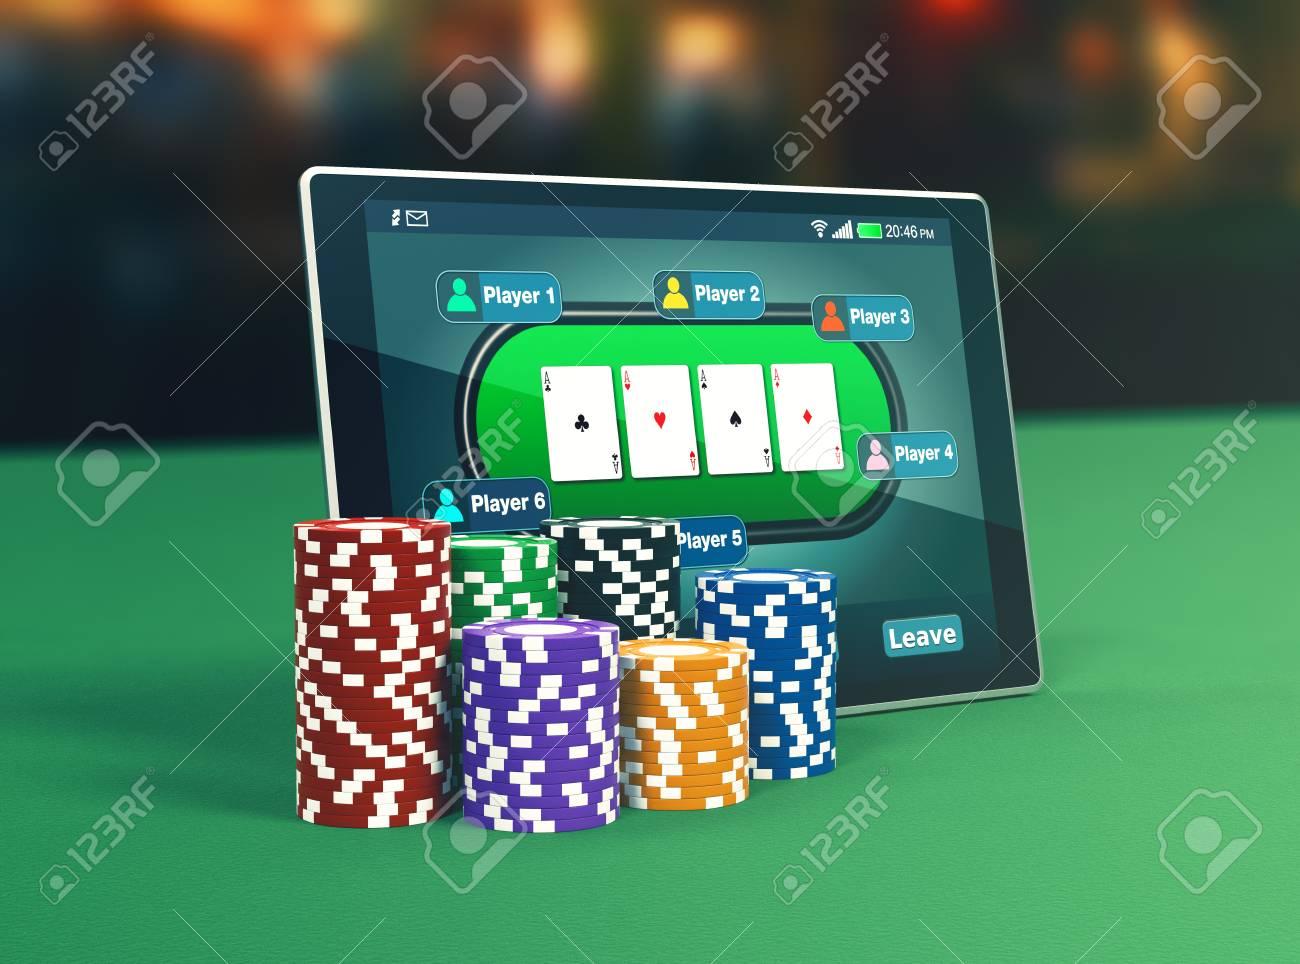 Tablet pc poker app stacks poker stock illustration 369764513.